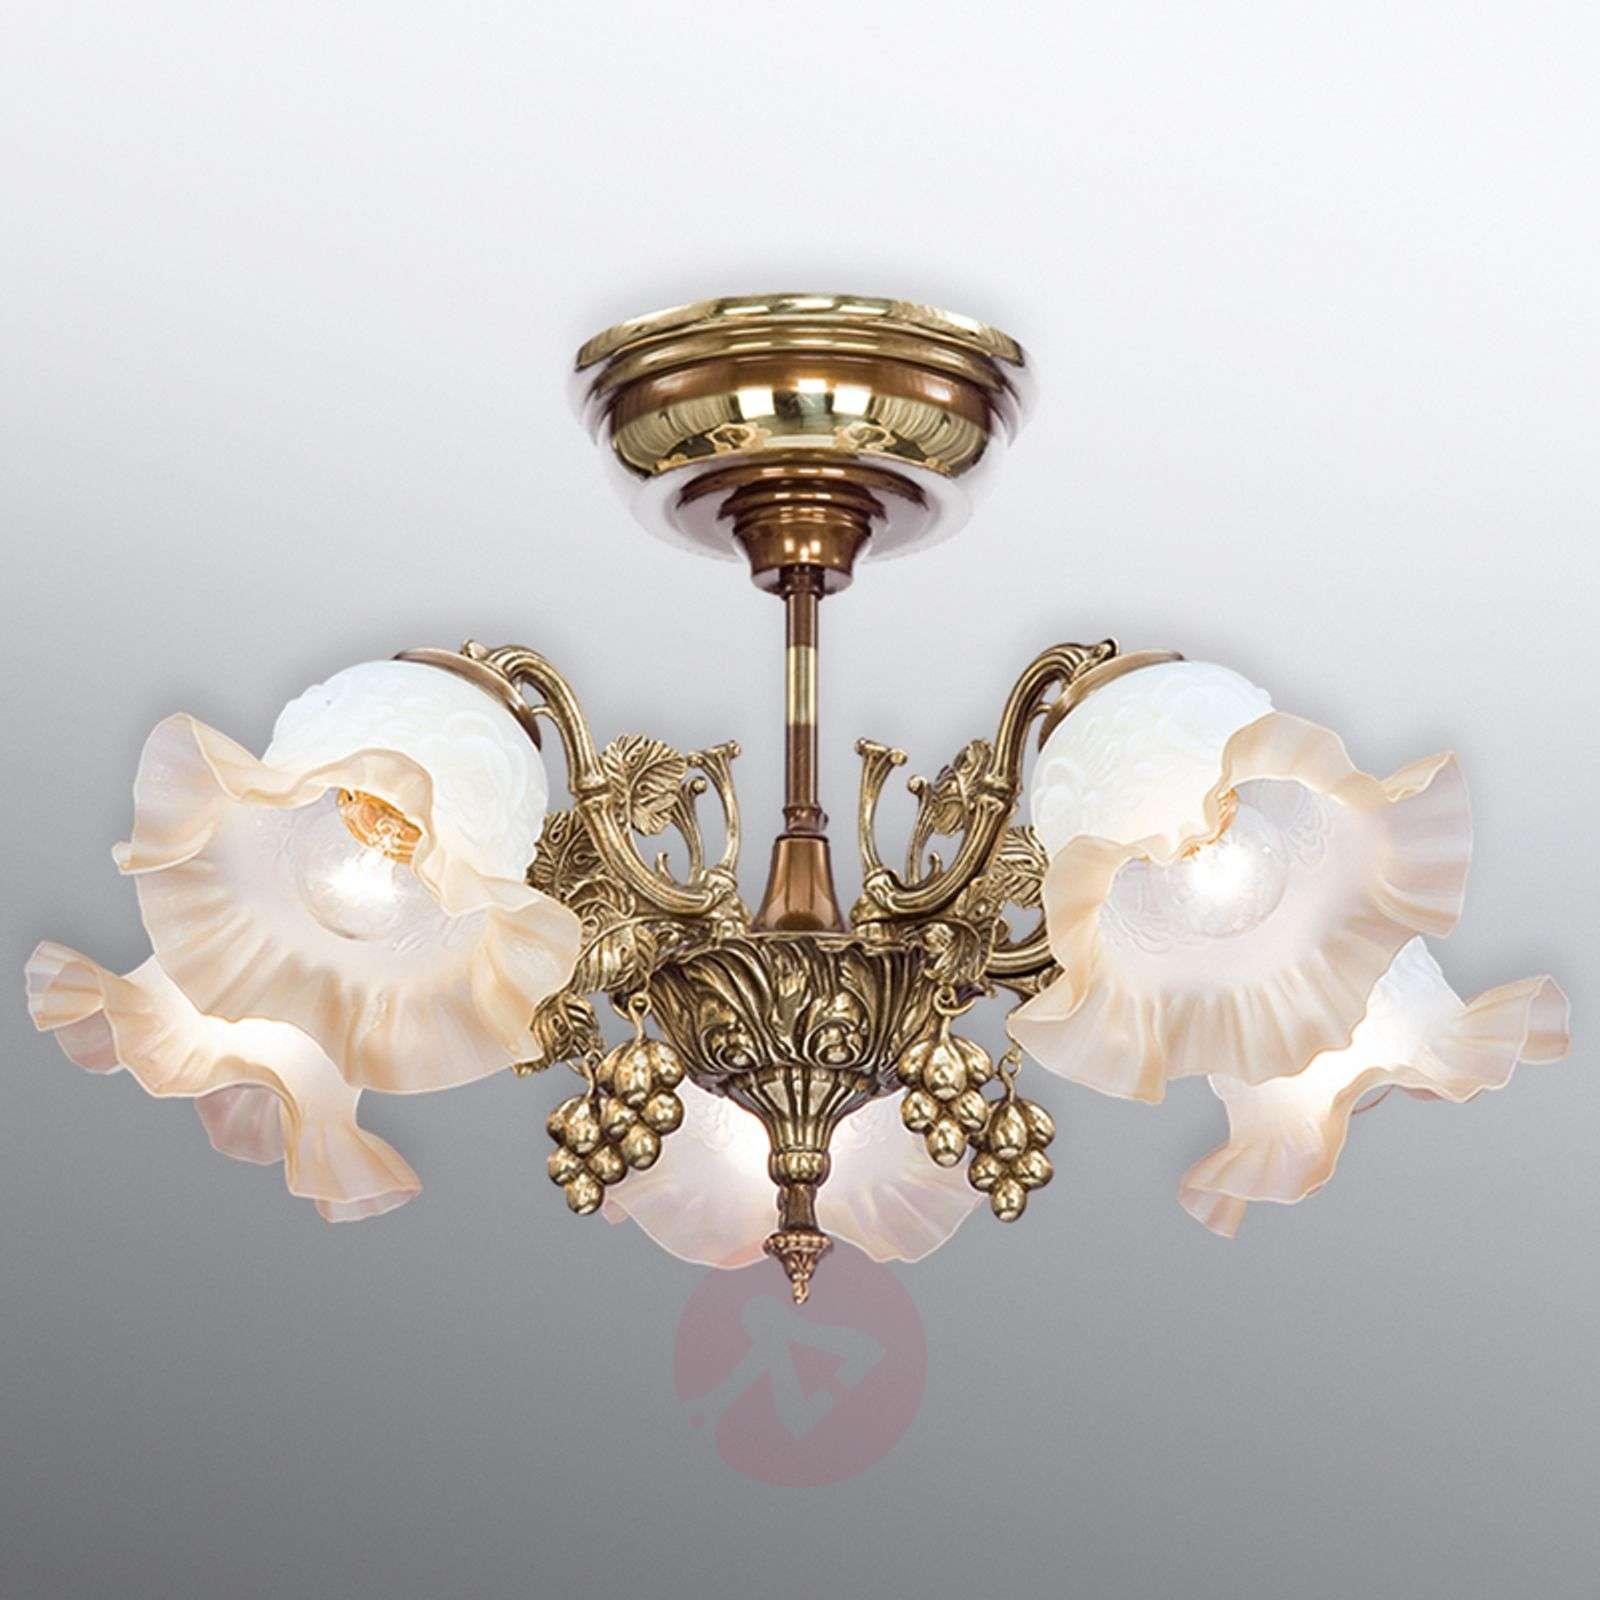 Koristeellinen Albero-kattovalaisin – 5 lamppua-8023205-03